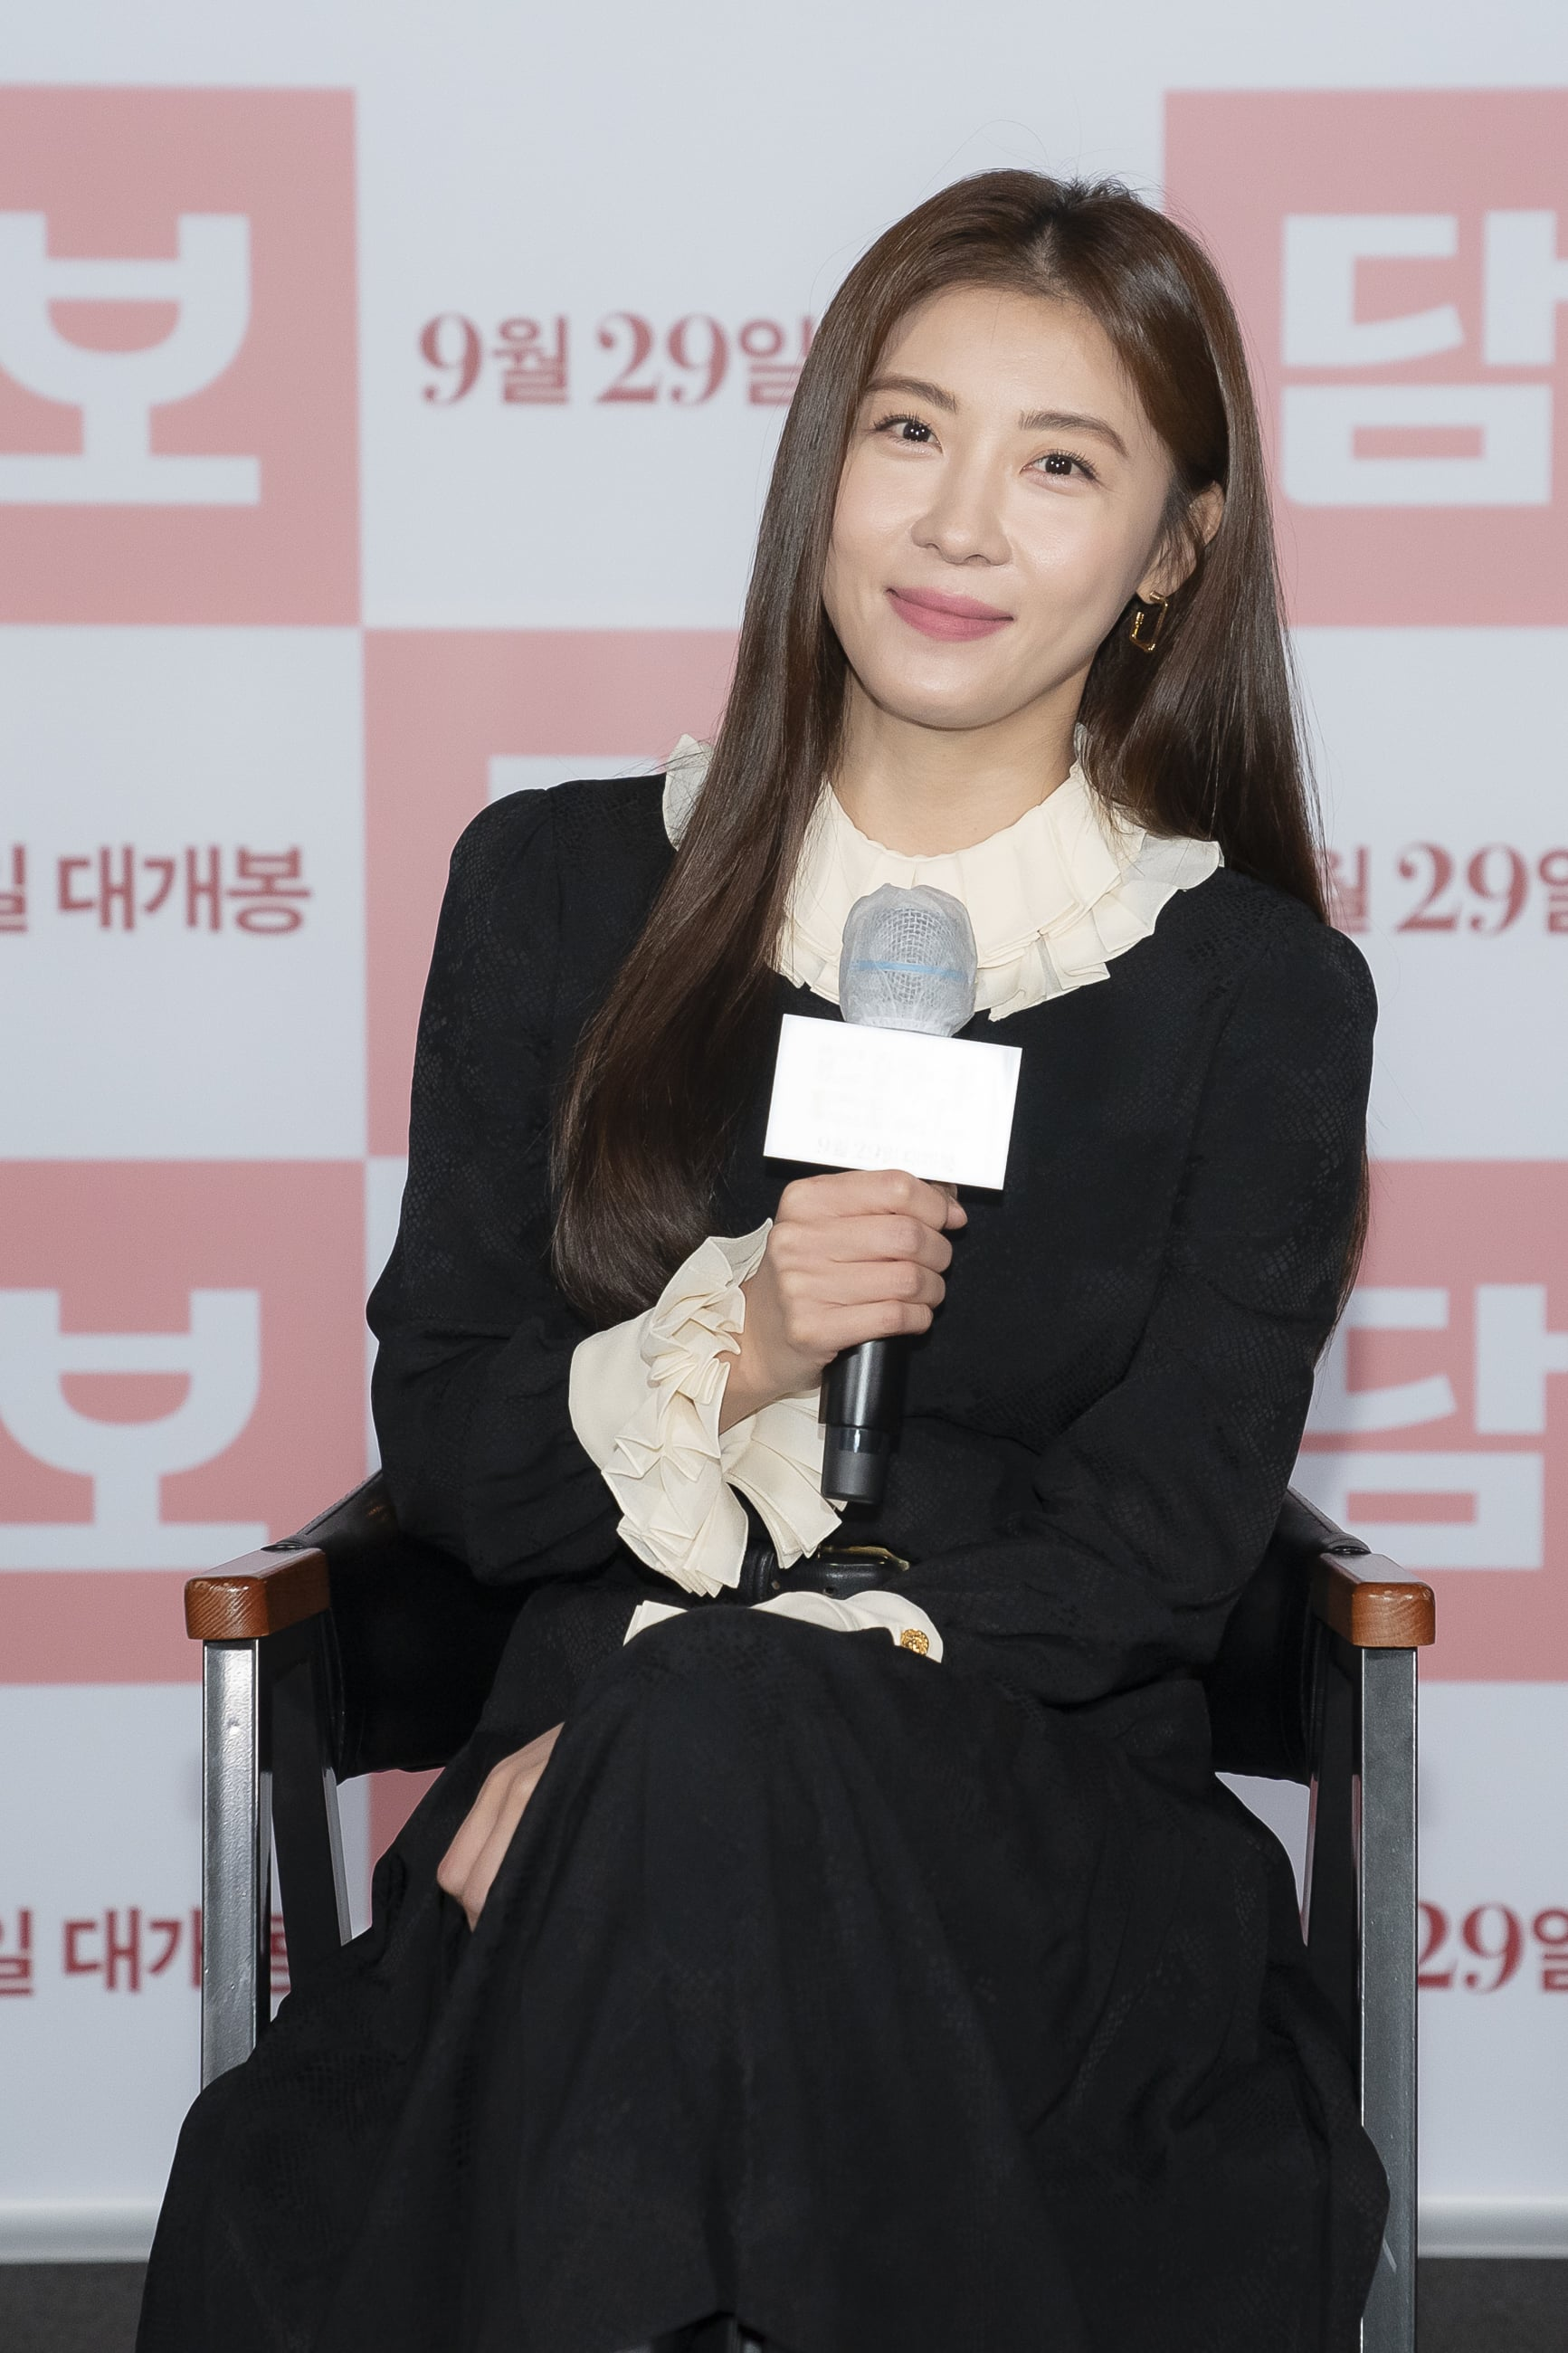 영화 '담보' 출연 배우 하지원. 사진 CJ엔터테인먼트